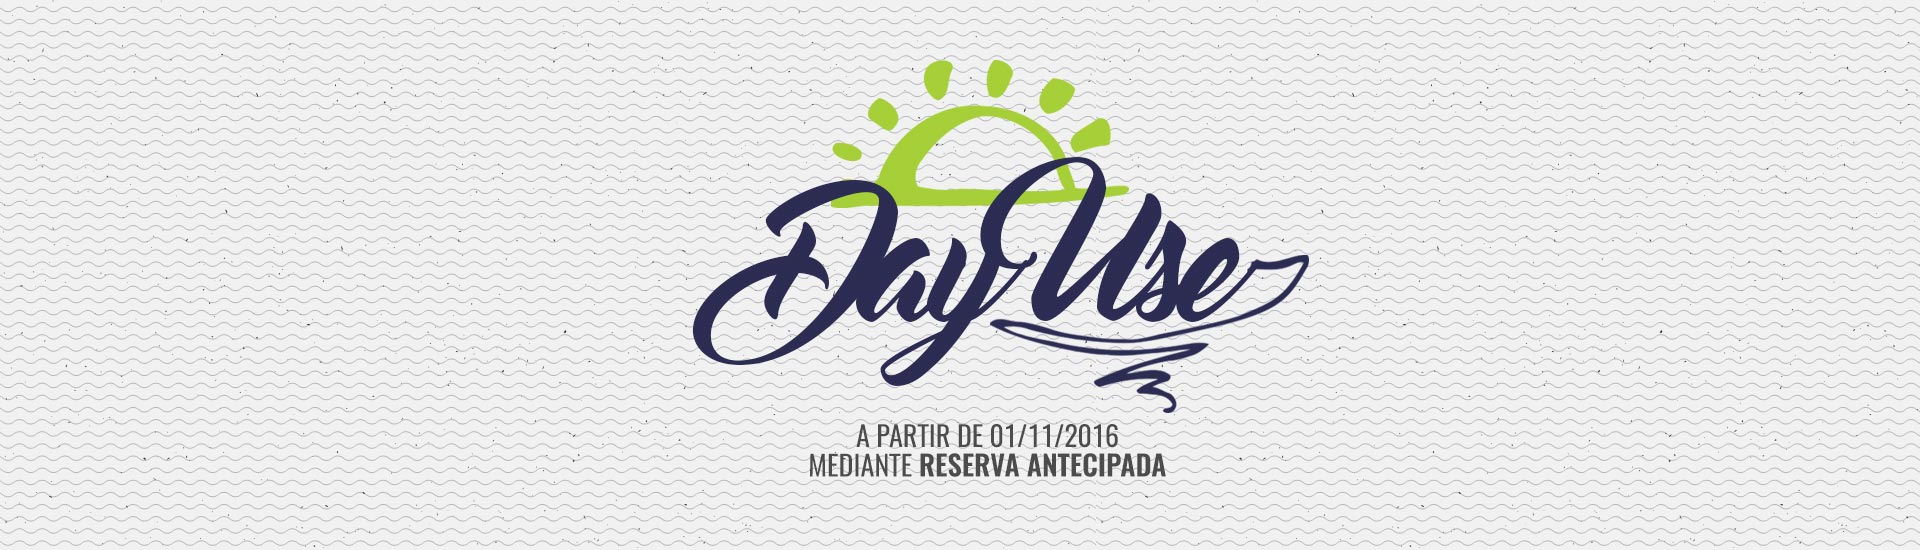 Day-use – Destaque